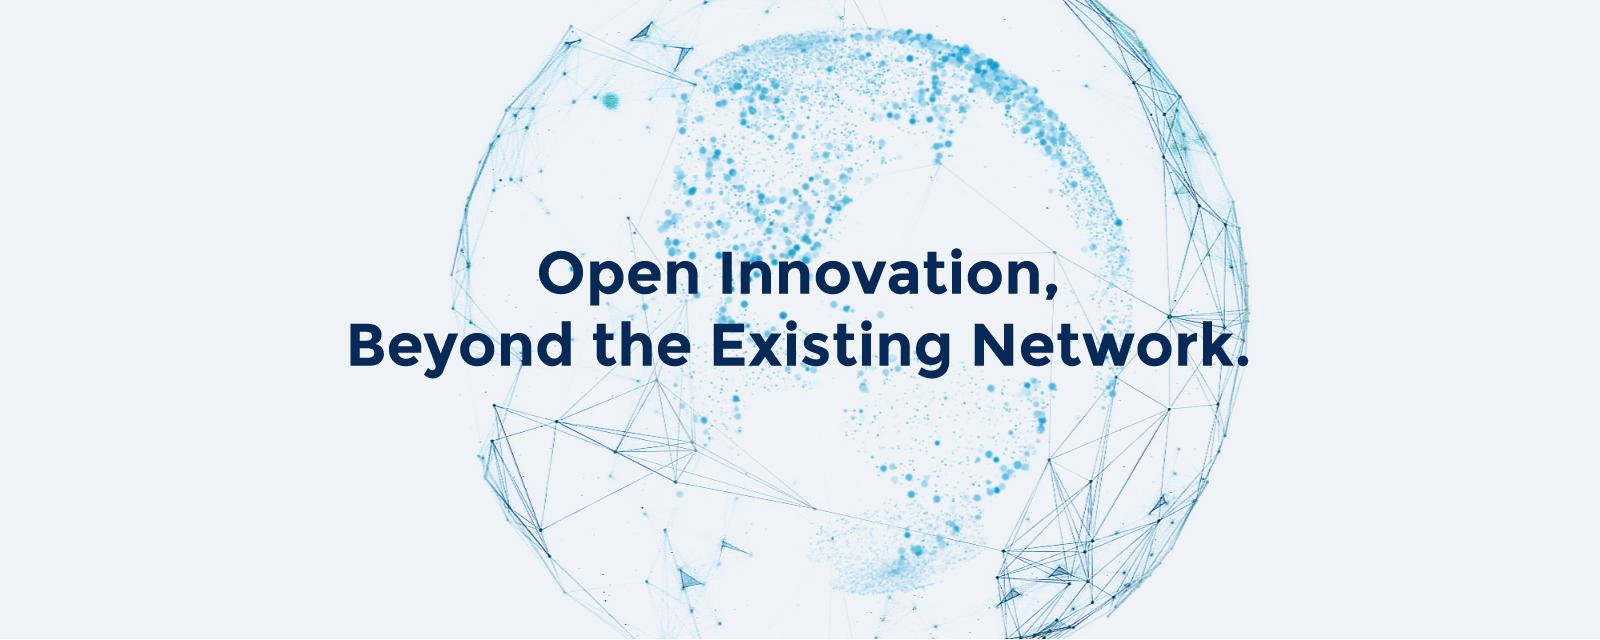 世界のオープン・イノベーション...